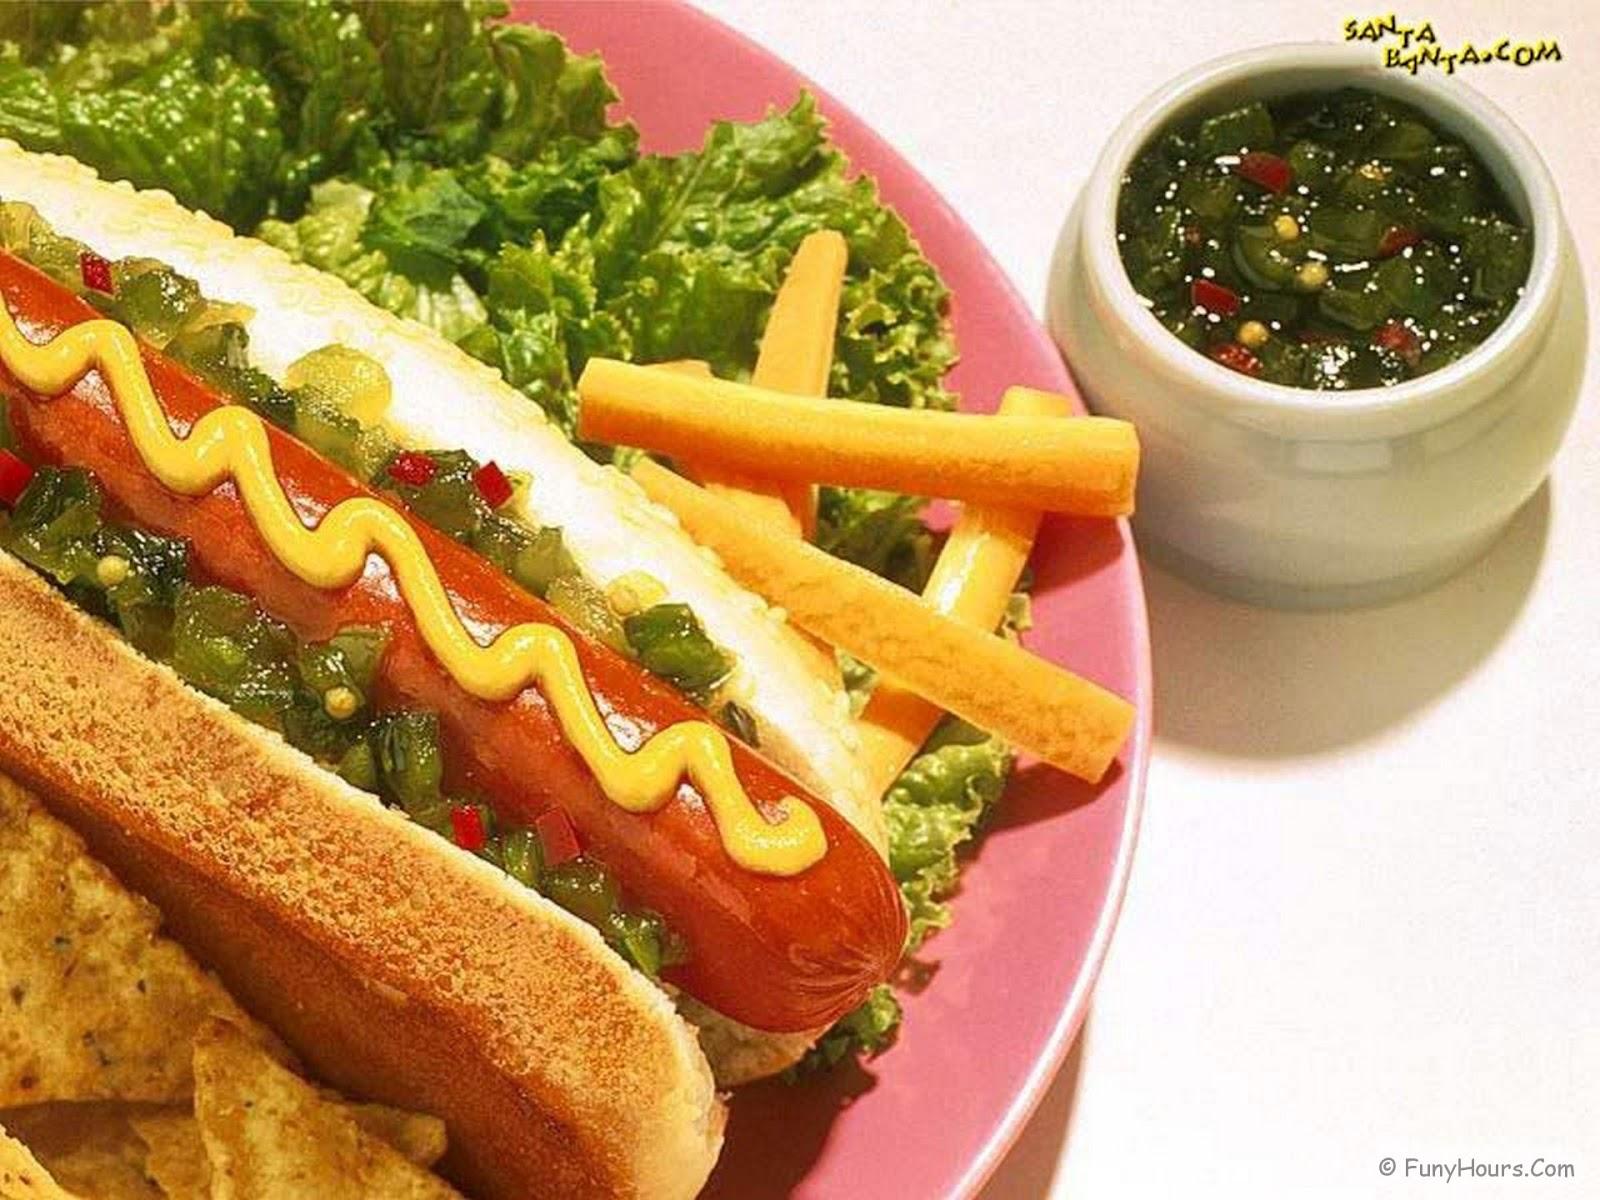 http://2.bp.blogspot.com/-LQGAGD2uweA/UB40CghO5tI/AAAAAAAABL4/g48Kb5xSQCY/s1600/Snacks-4.jpg